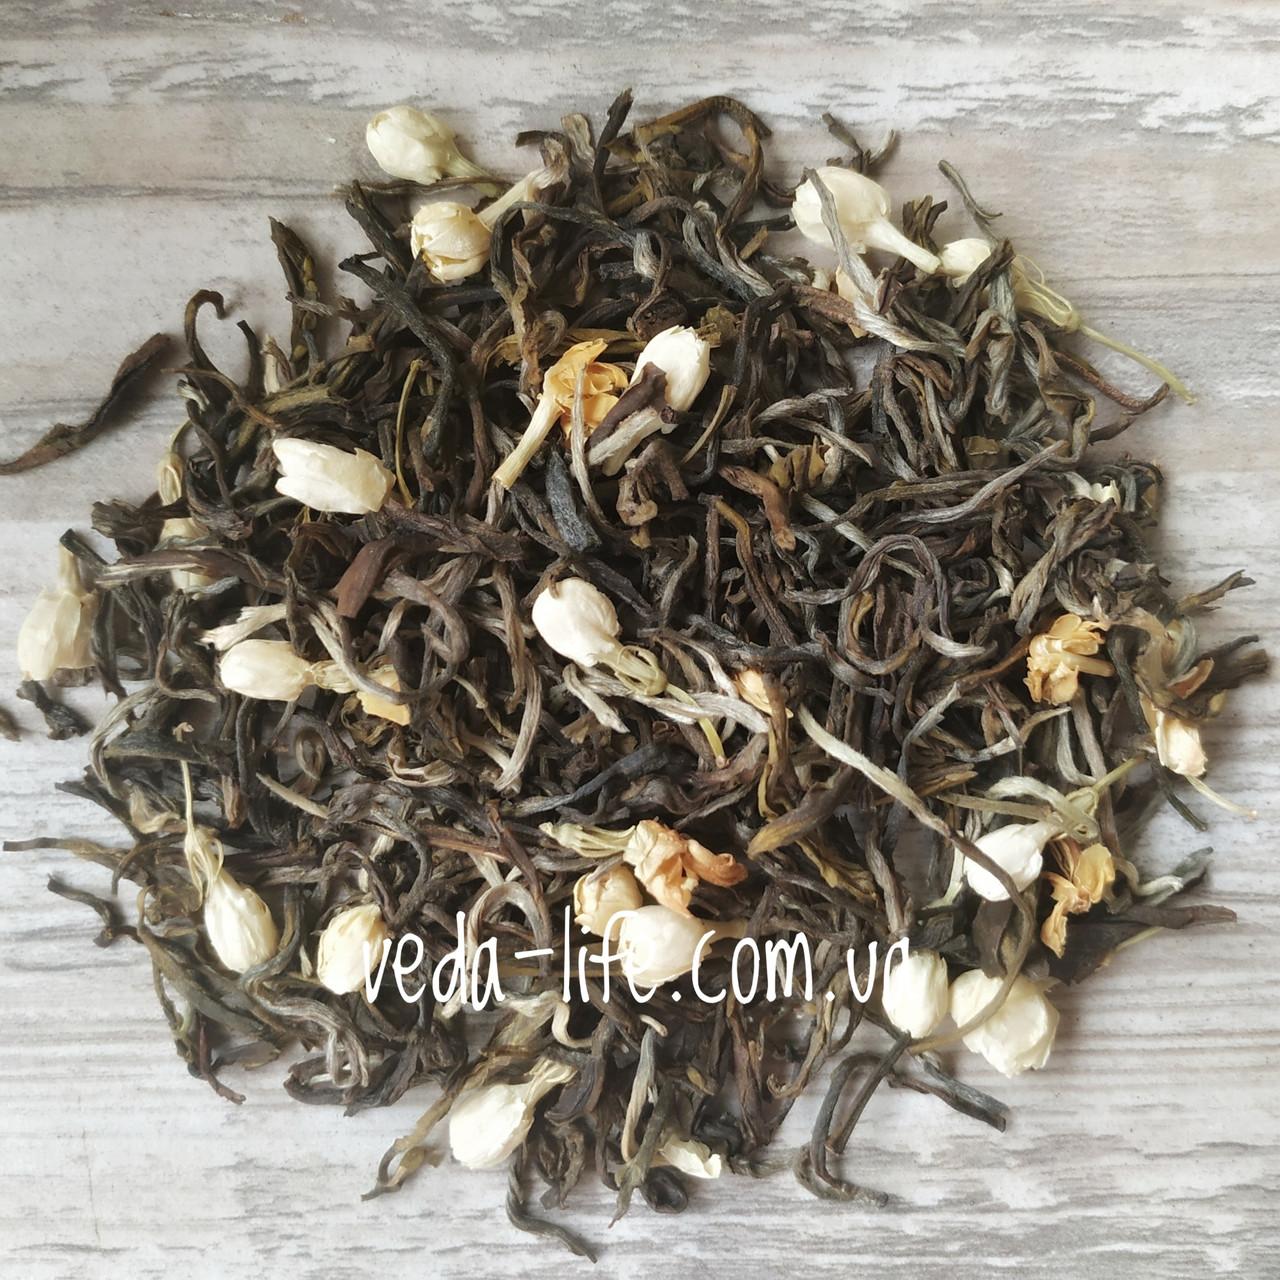 Чай Императорский жасмин. Элитный желтый чай с бутонами жасмина. Чай жасмин. 25 грамм. Тоник. Адаптоген